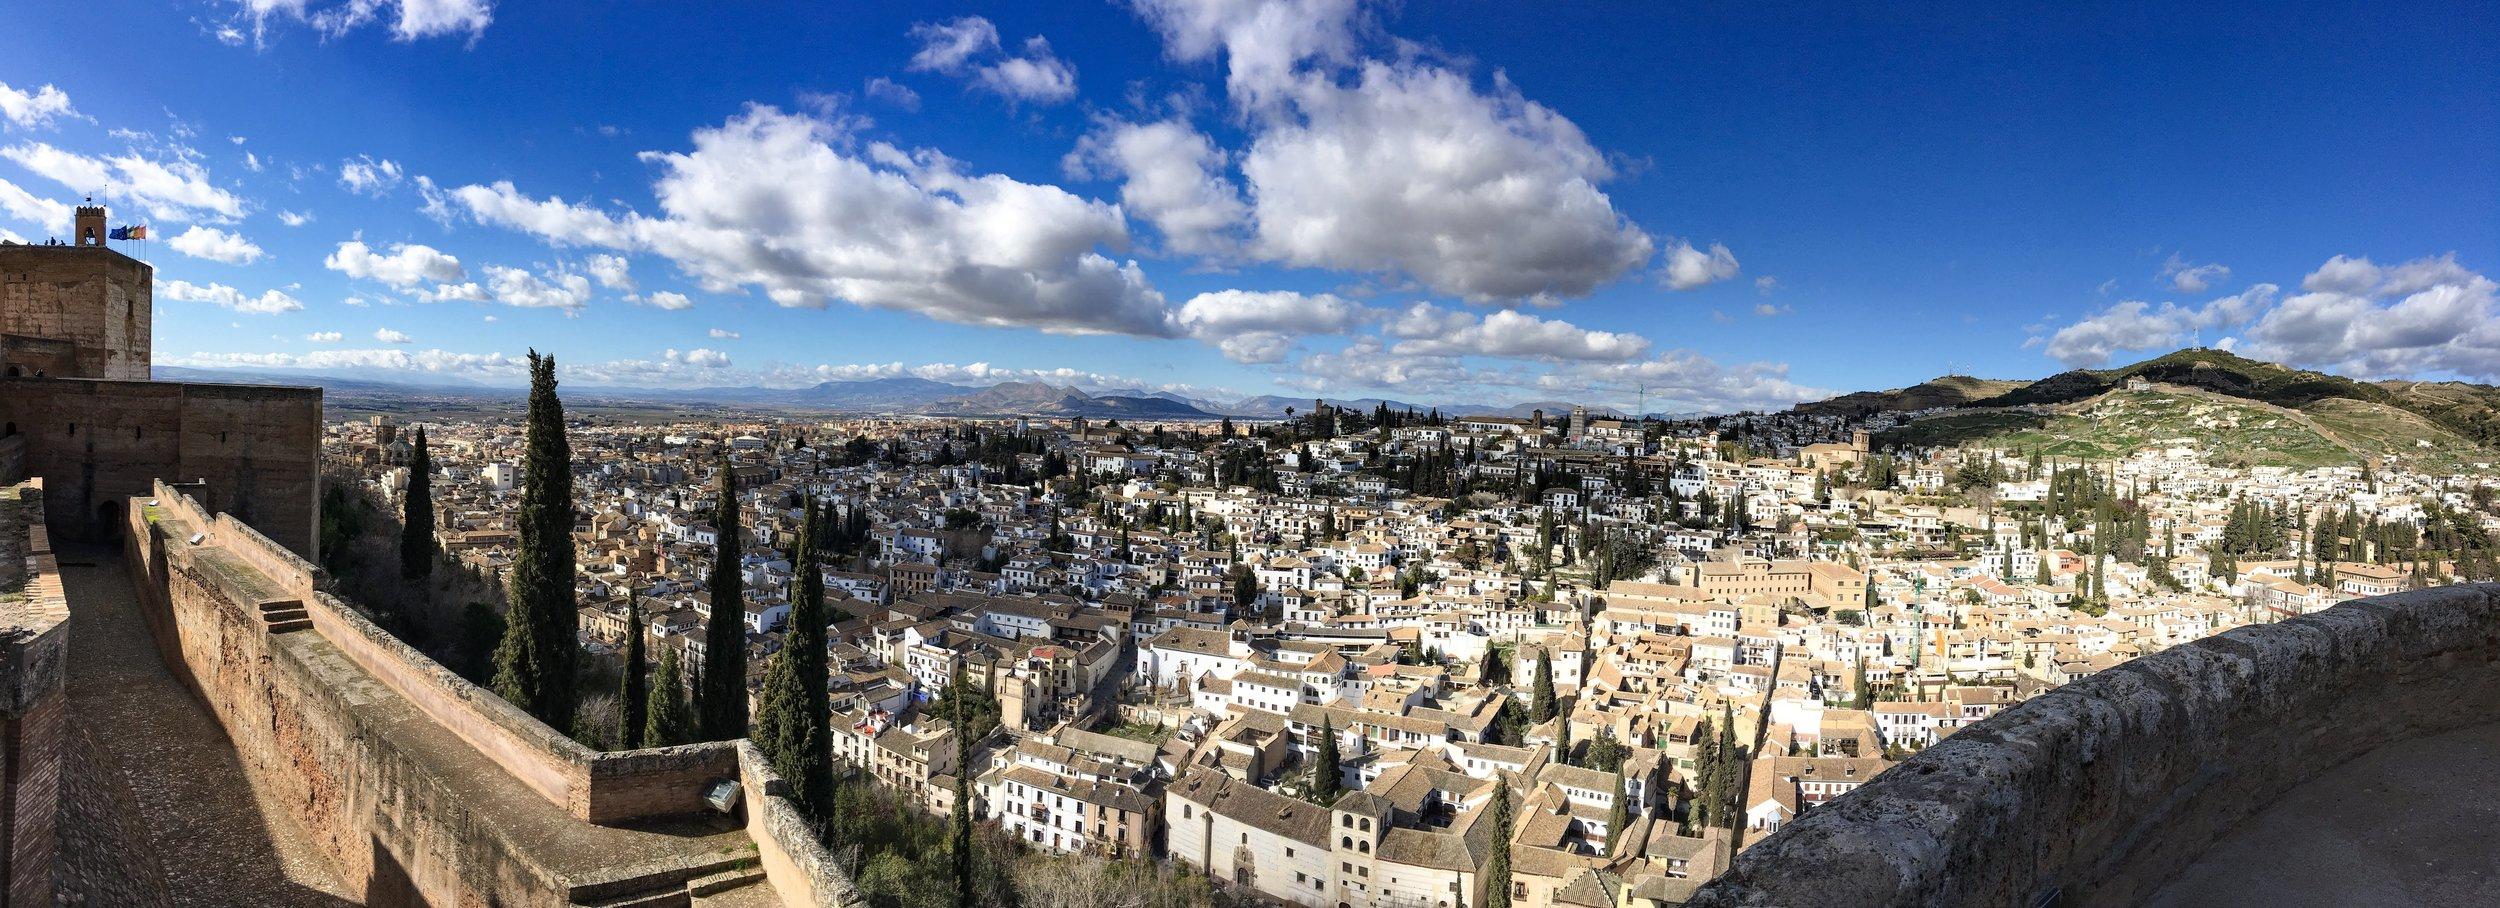 Granada seen from Alhambra